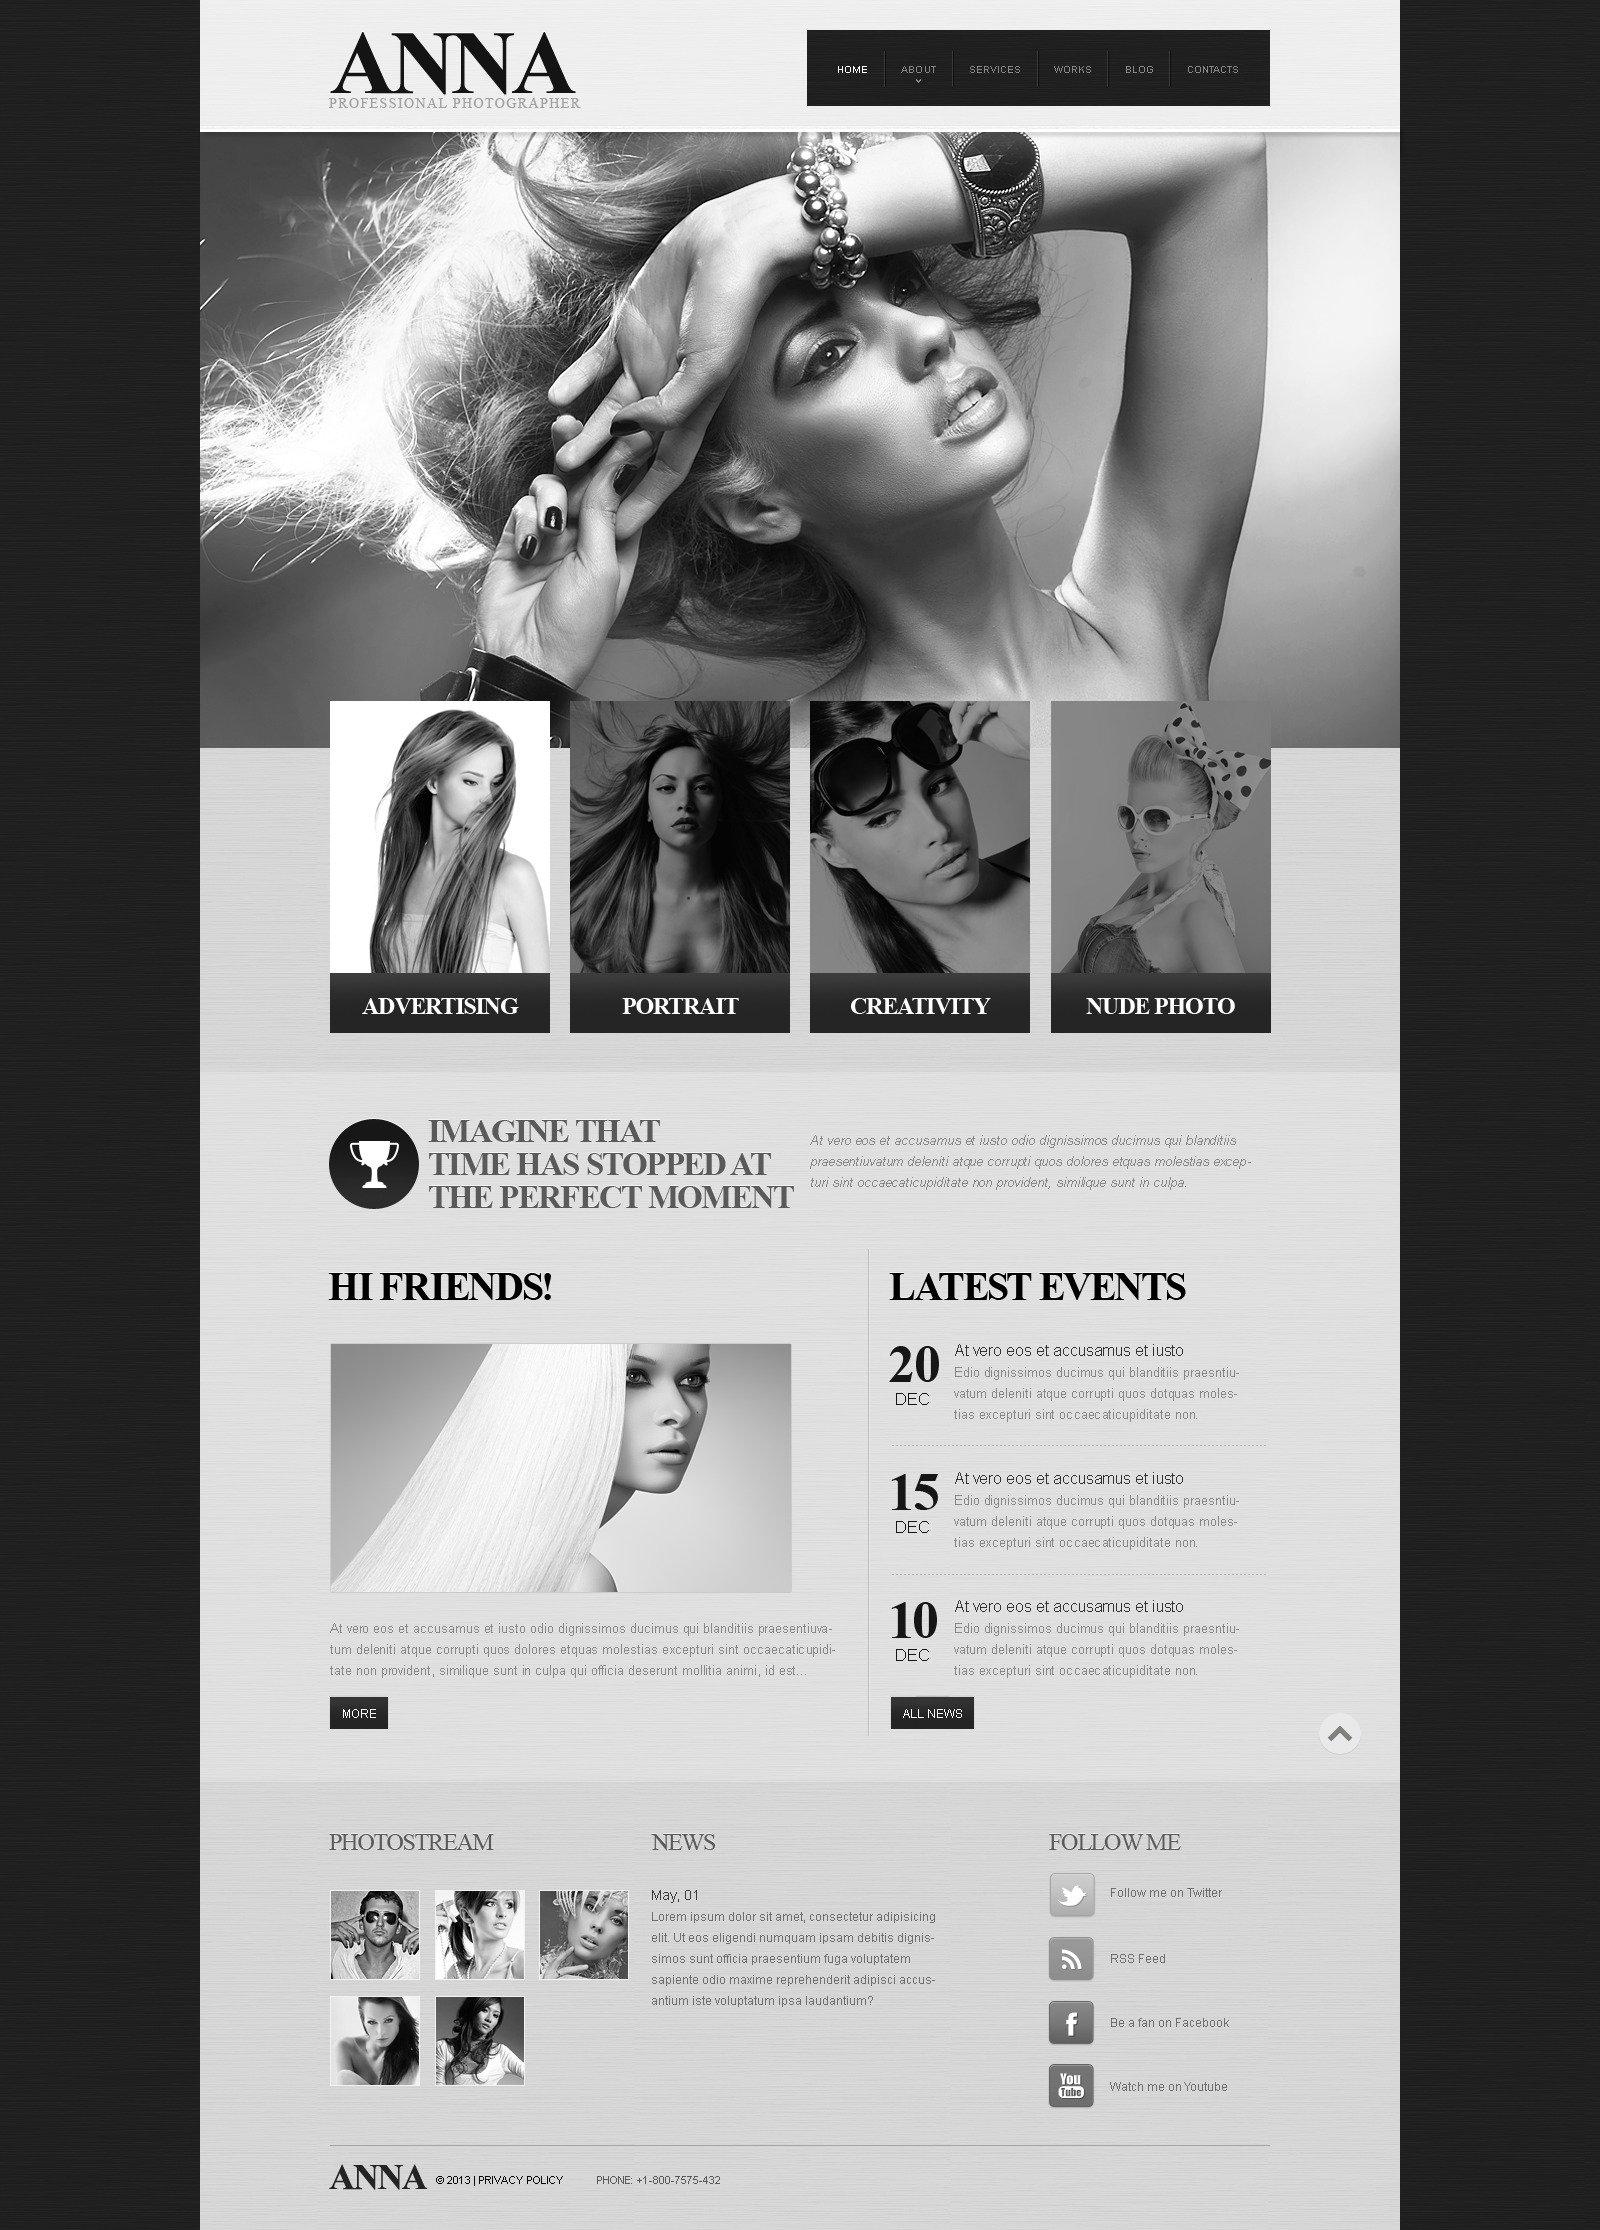 Адаптивний Шаблон сайту на тему портфоліо фотографа  №45029 - скріншот